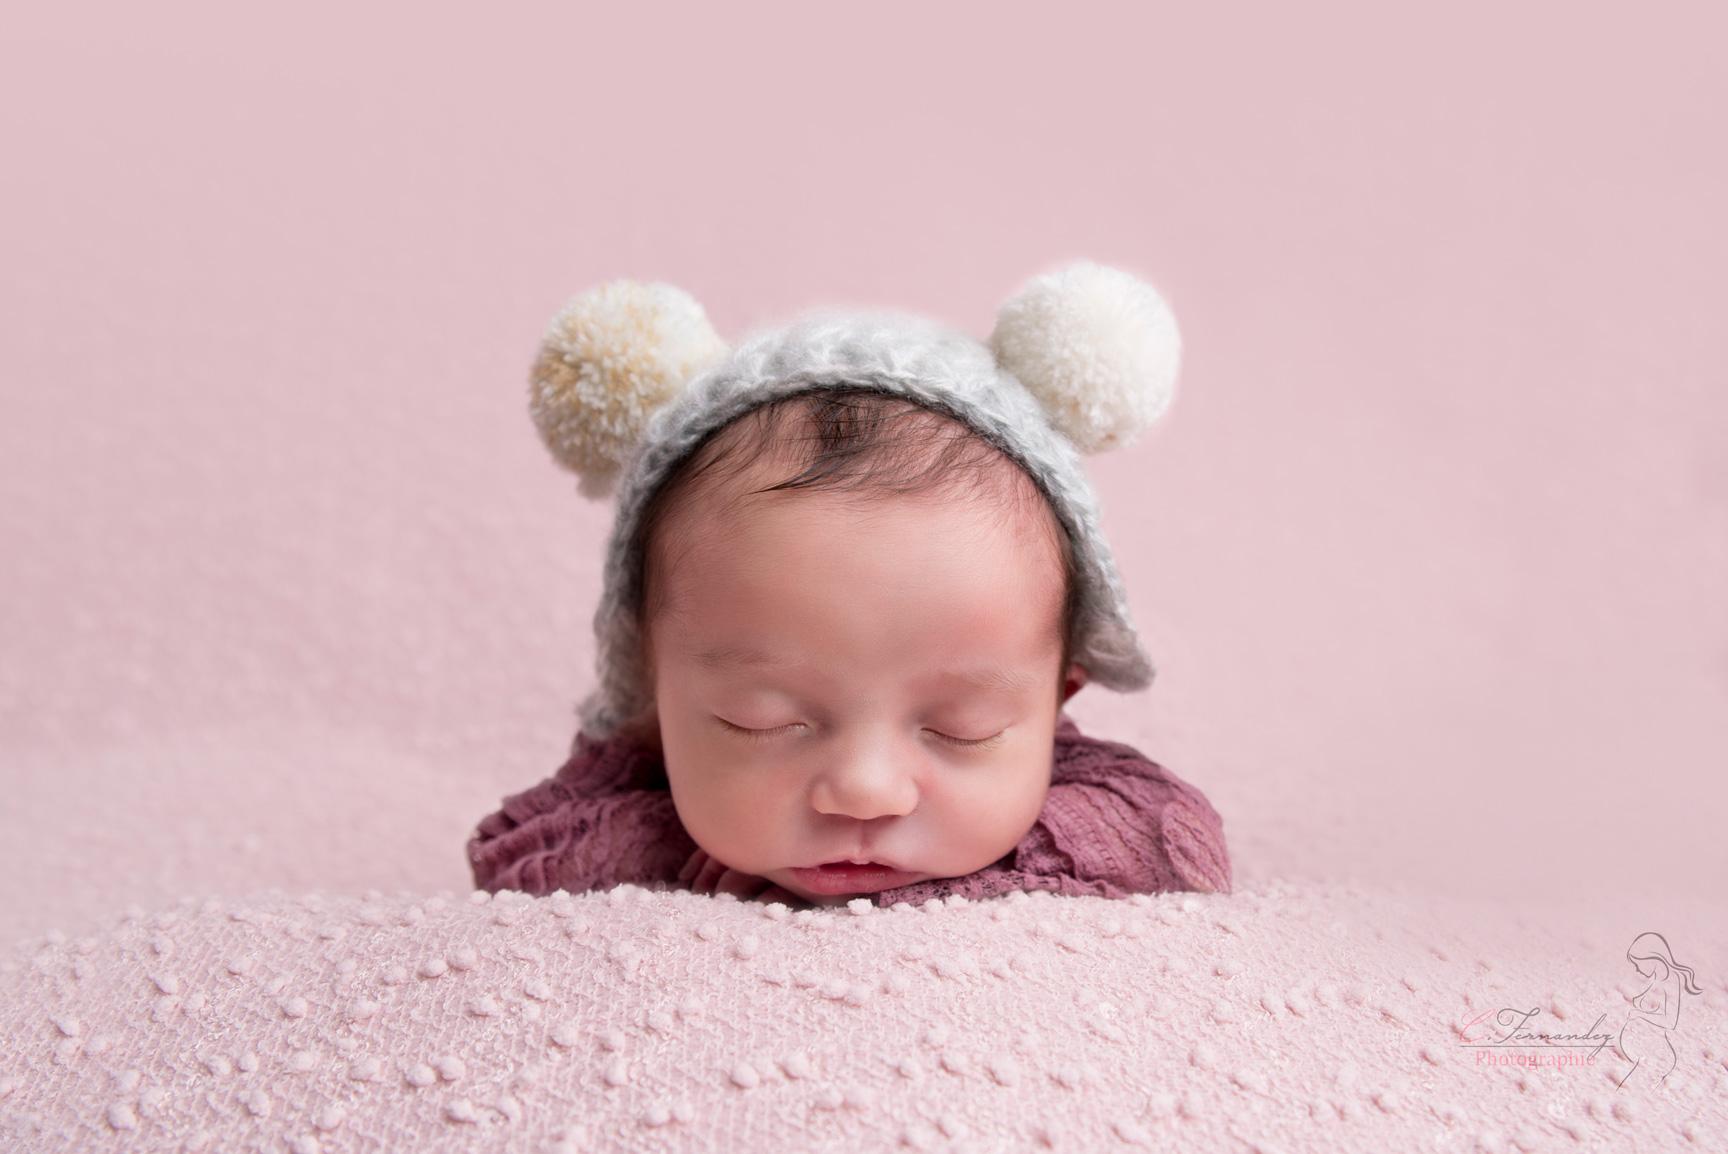 Séance photo nouveau-né entre Aix et Marseille avec la petite Louise avec bonnet souris